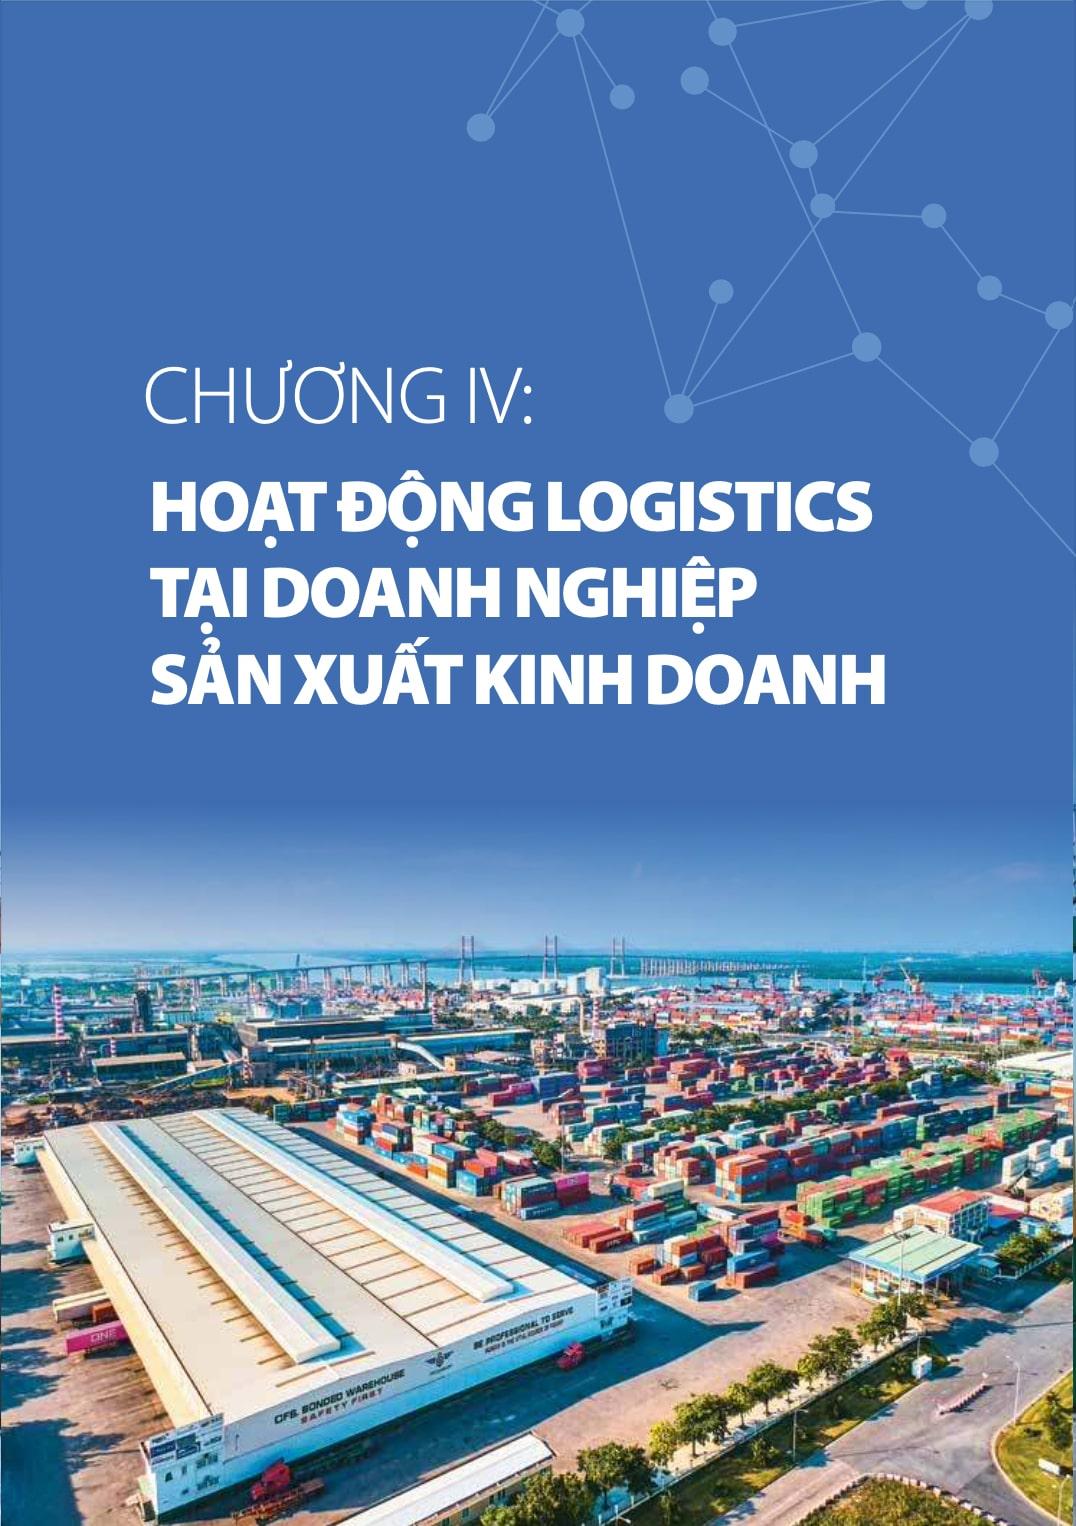 Chương 4 báo cáo logistics Việt Nam 2020: Hoạt động logistics tại doanh nghiệp sản xuất, kinh doanh